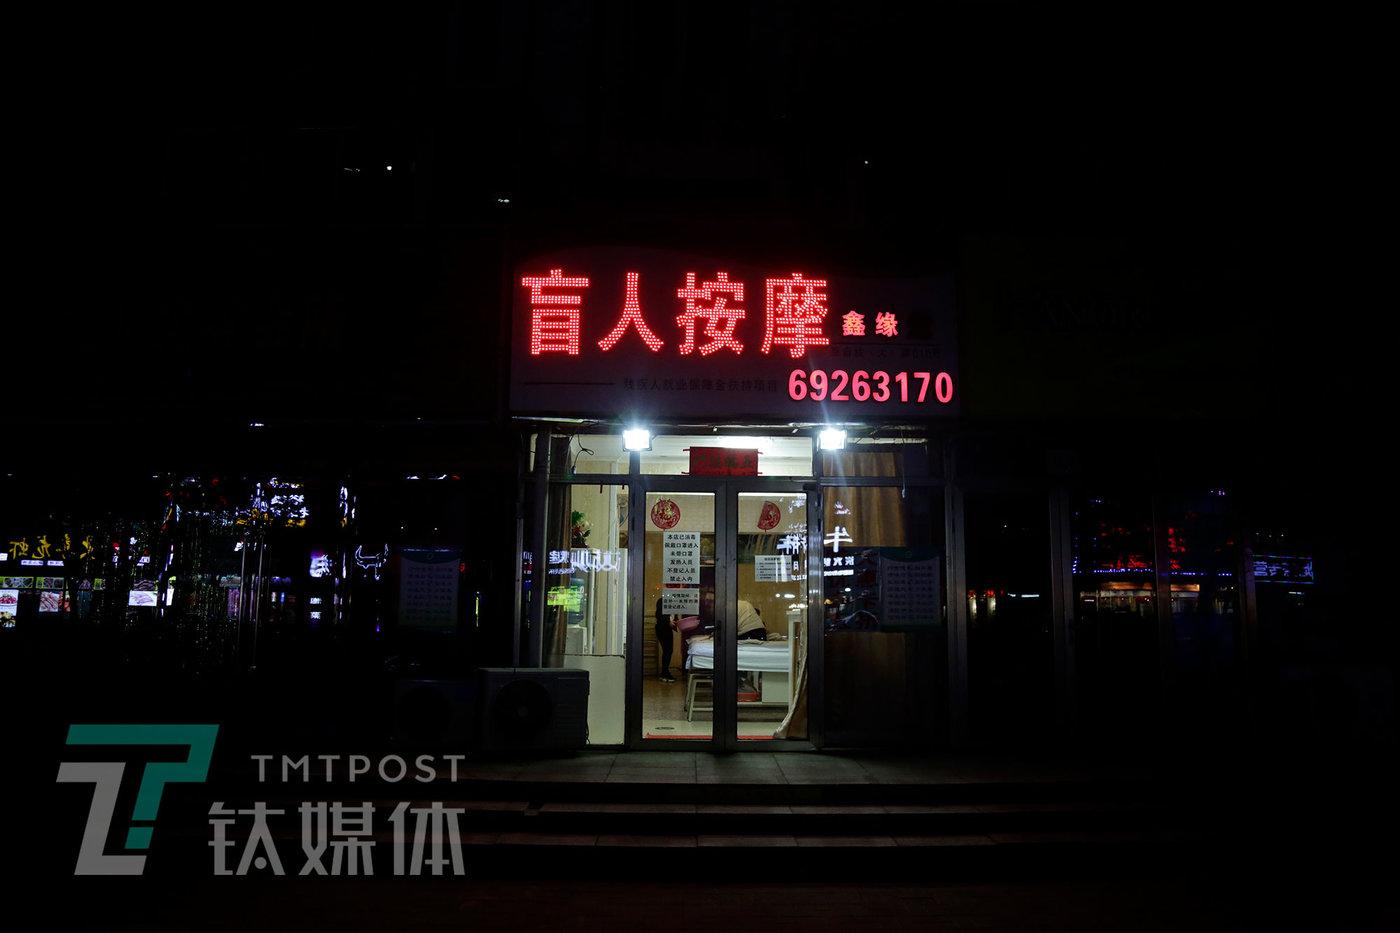 4月22日22:28,北京,鑫缘堂盲人按摩店。